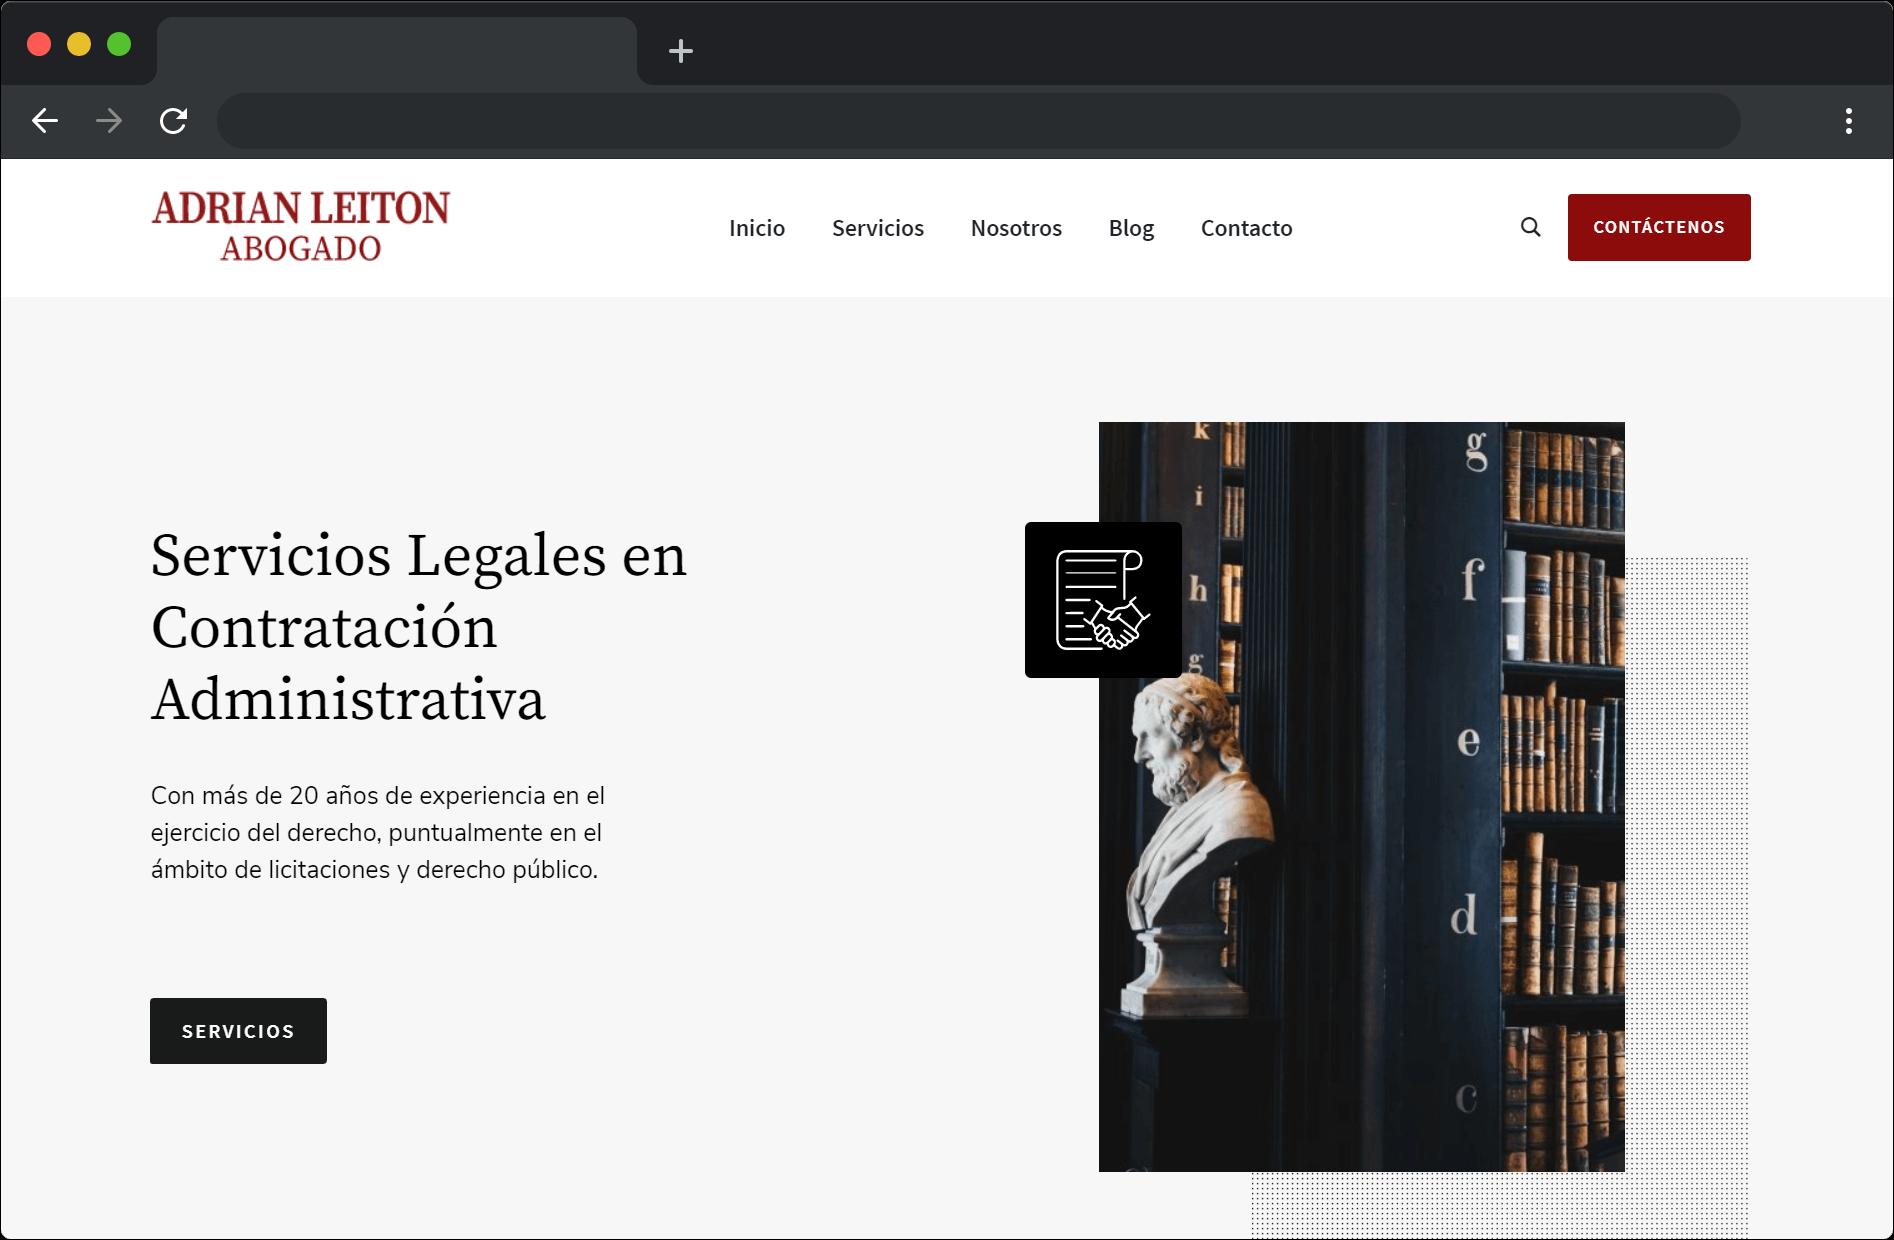 Desarrollo sitio web Abogado Adrián Leitón